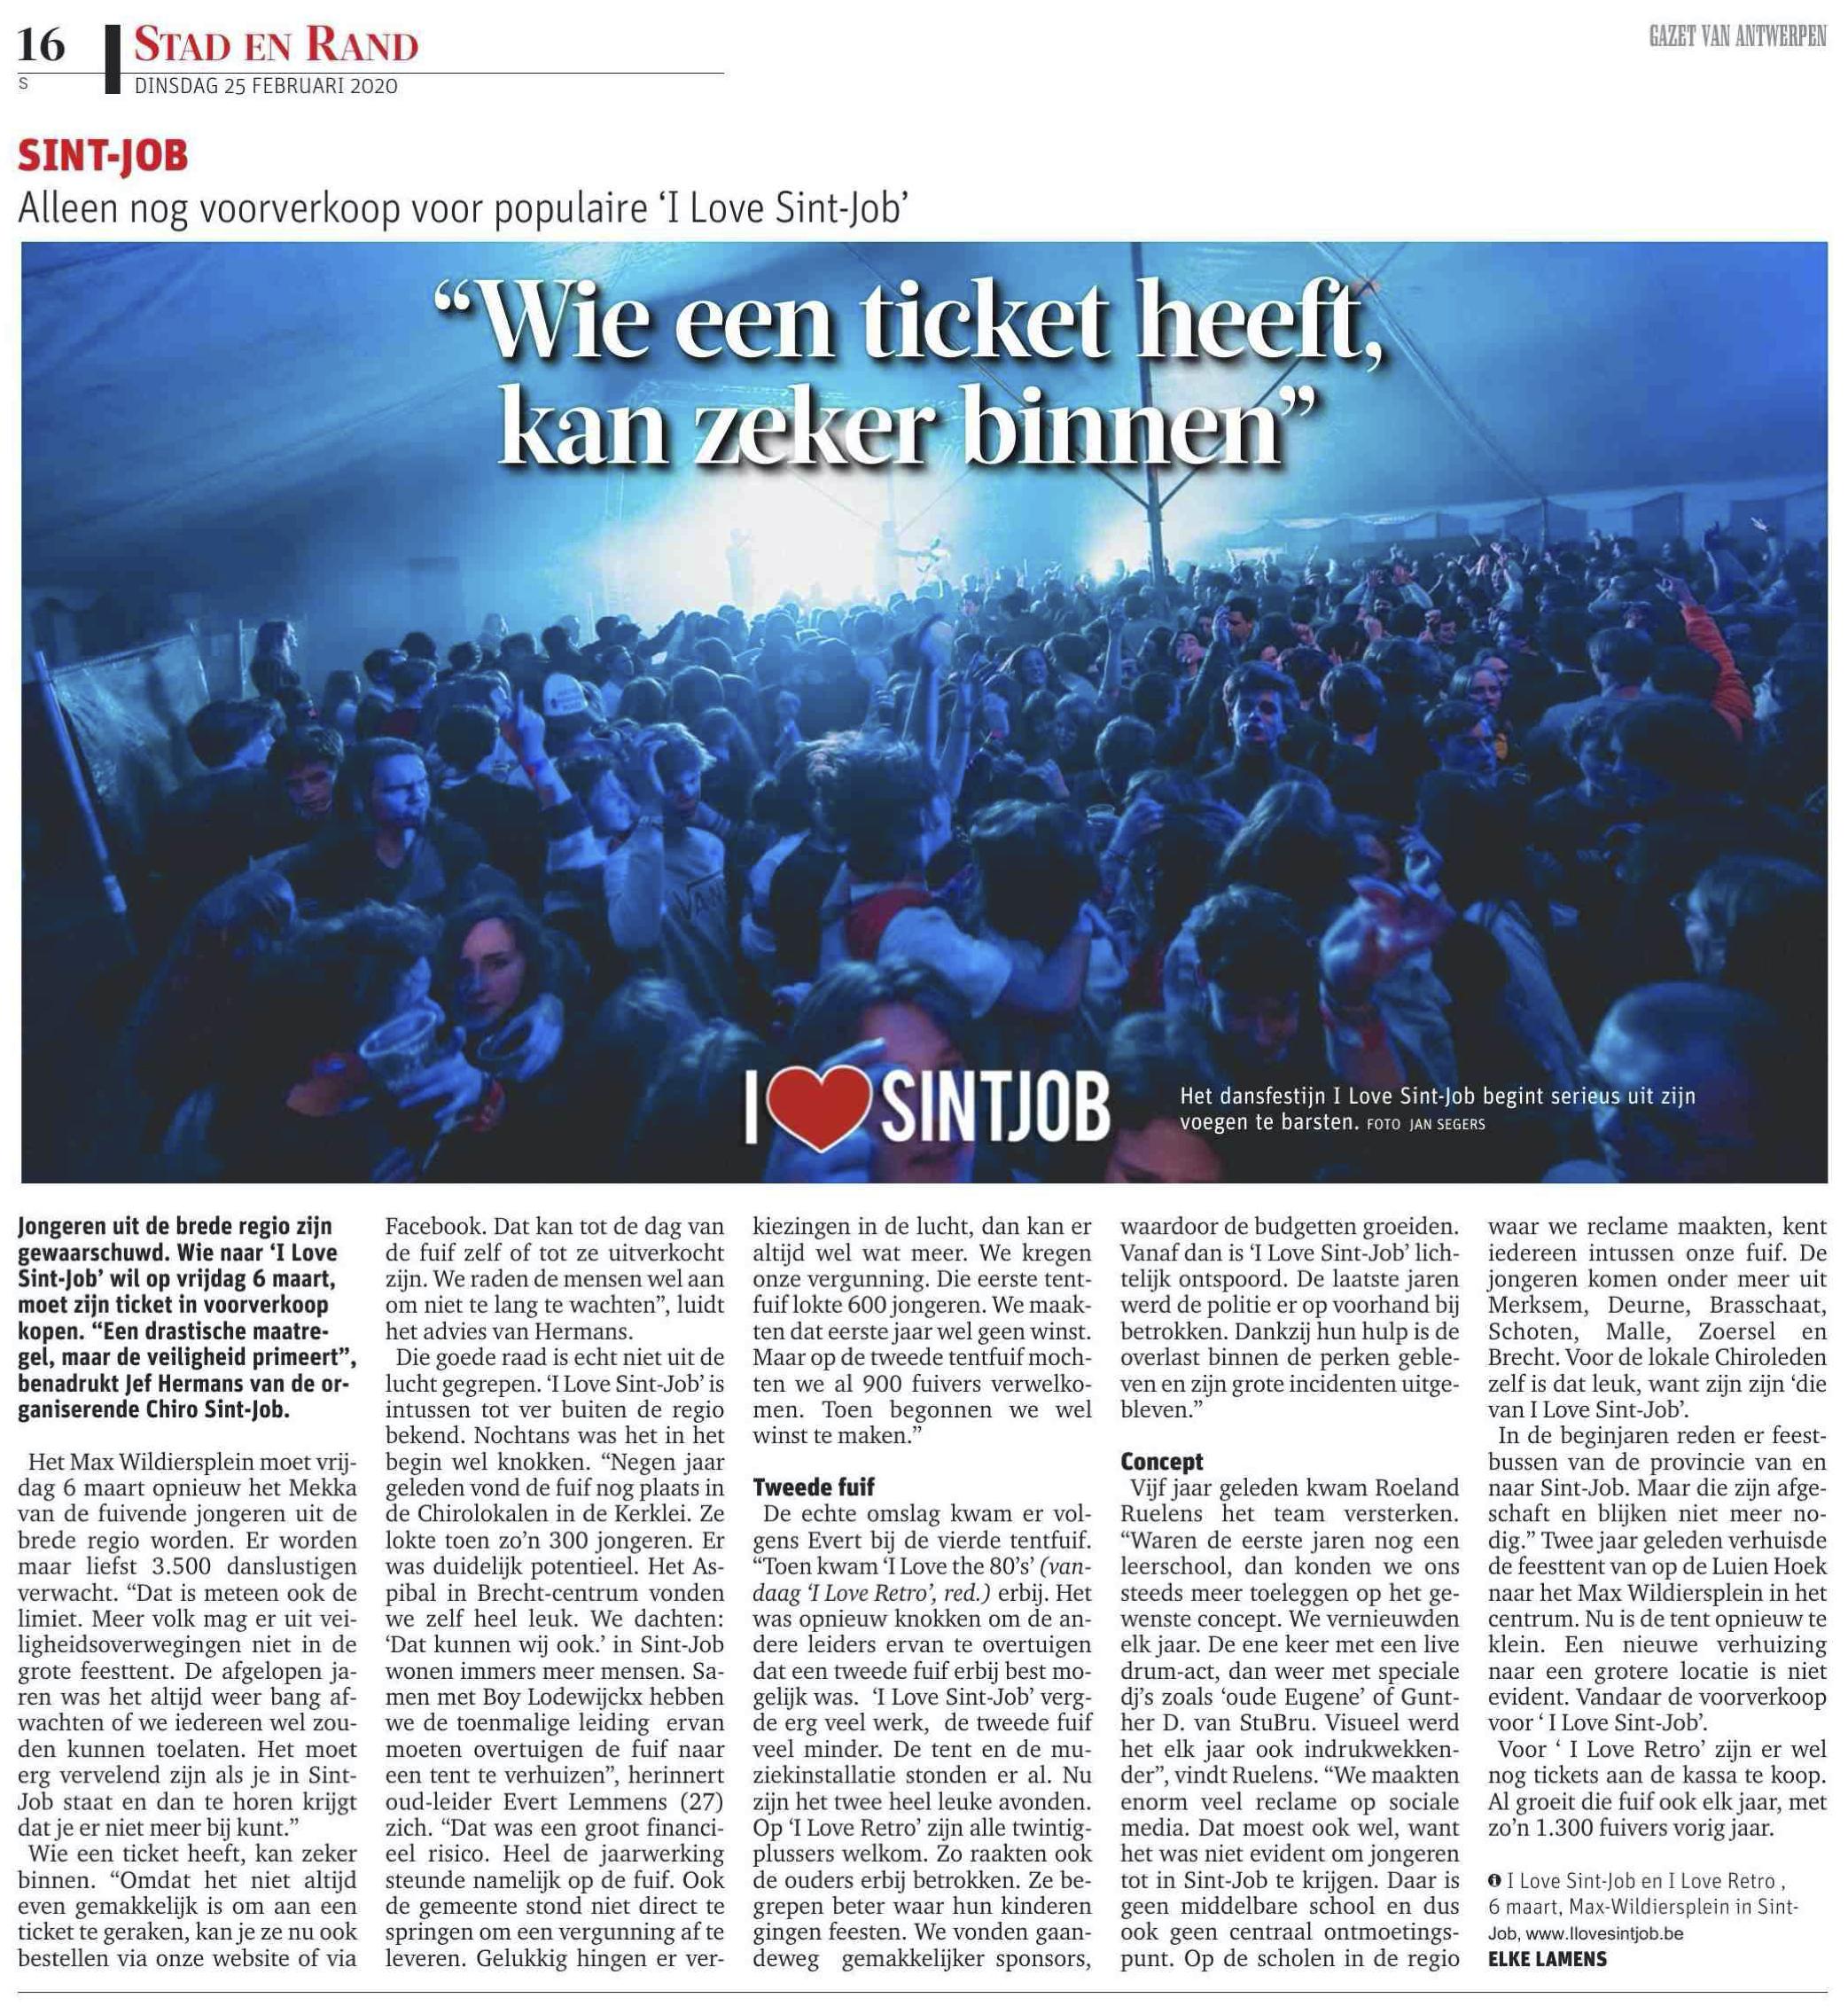 I Love Sint-Job 2020 gazet van antwerpen